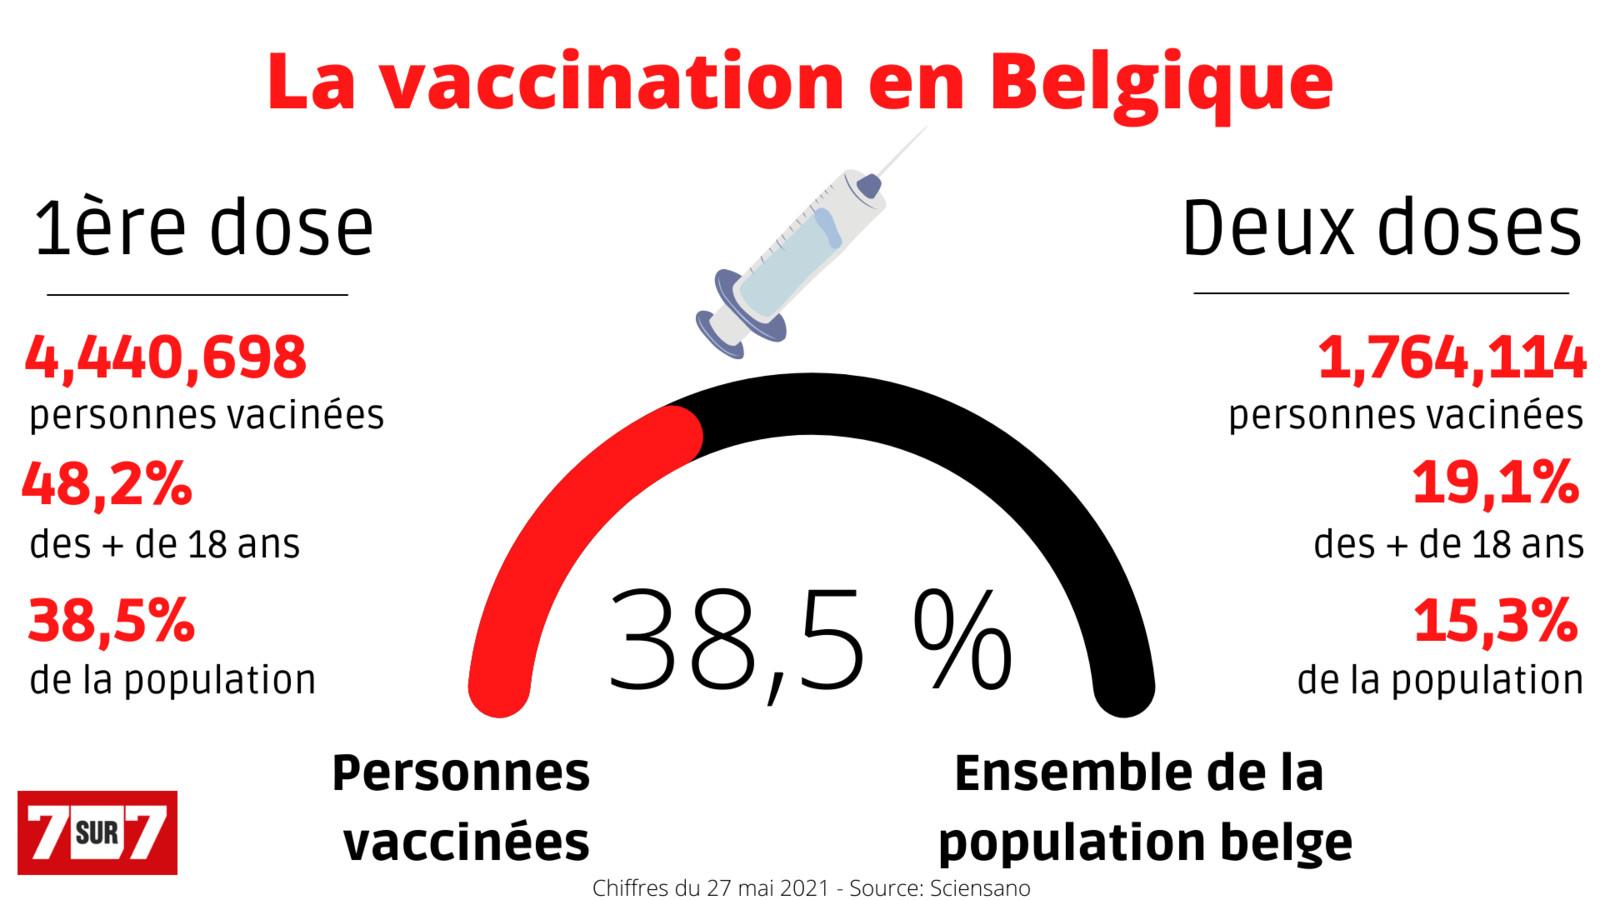 La couverture vaccinale en Belgique est donc à 38,5%